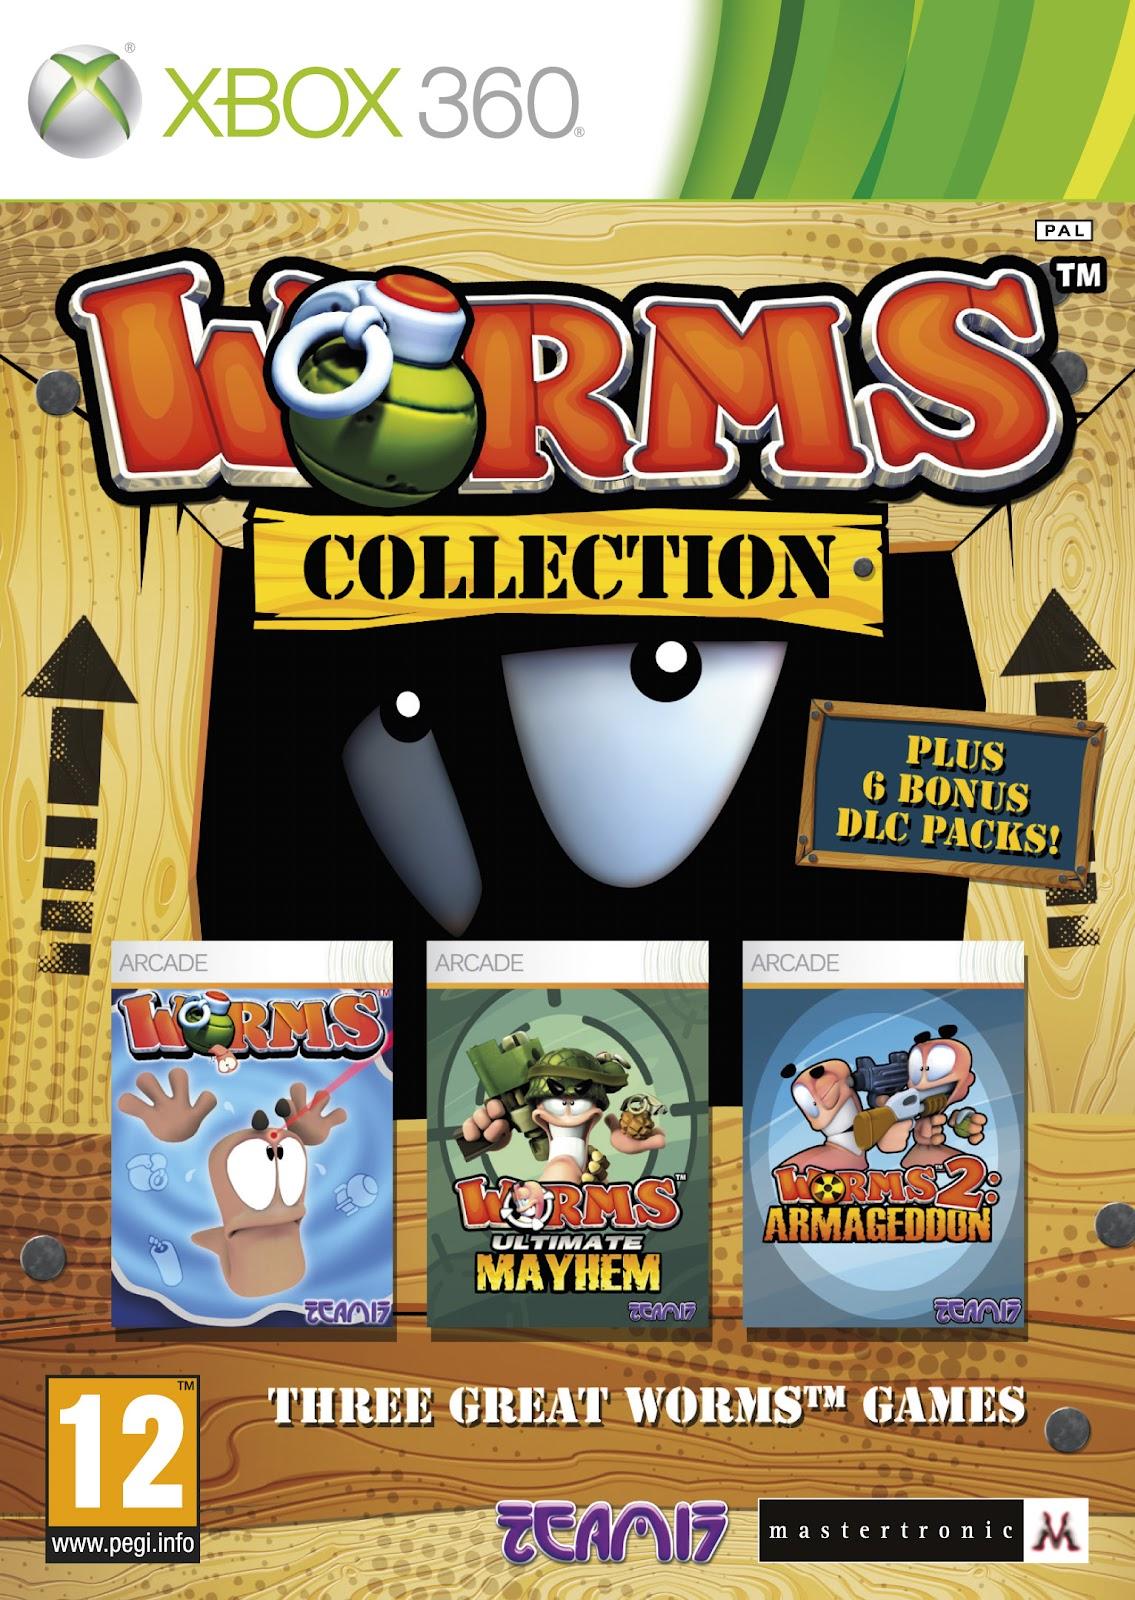 http://2.bp.blogspot.com/-Jtm3xuxX_n4/UBACvwntw6I/AAAAAAAAHOM/0qXjaM-I3Kg/s1600/worms_collection_x360_eng_2d.jpg